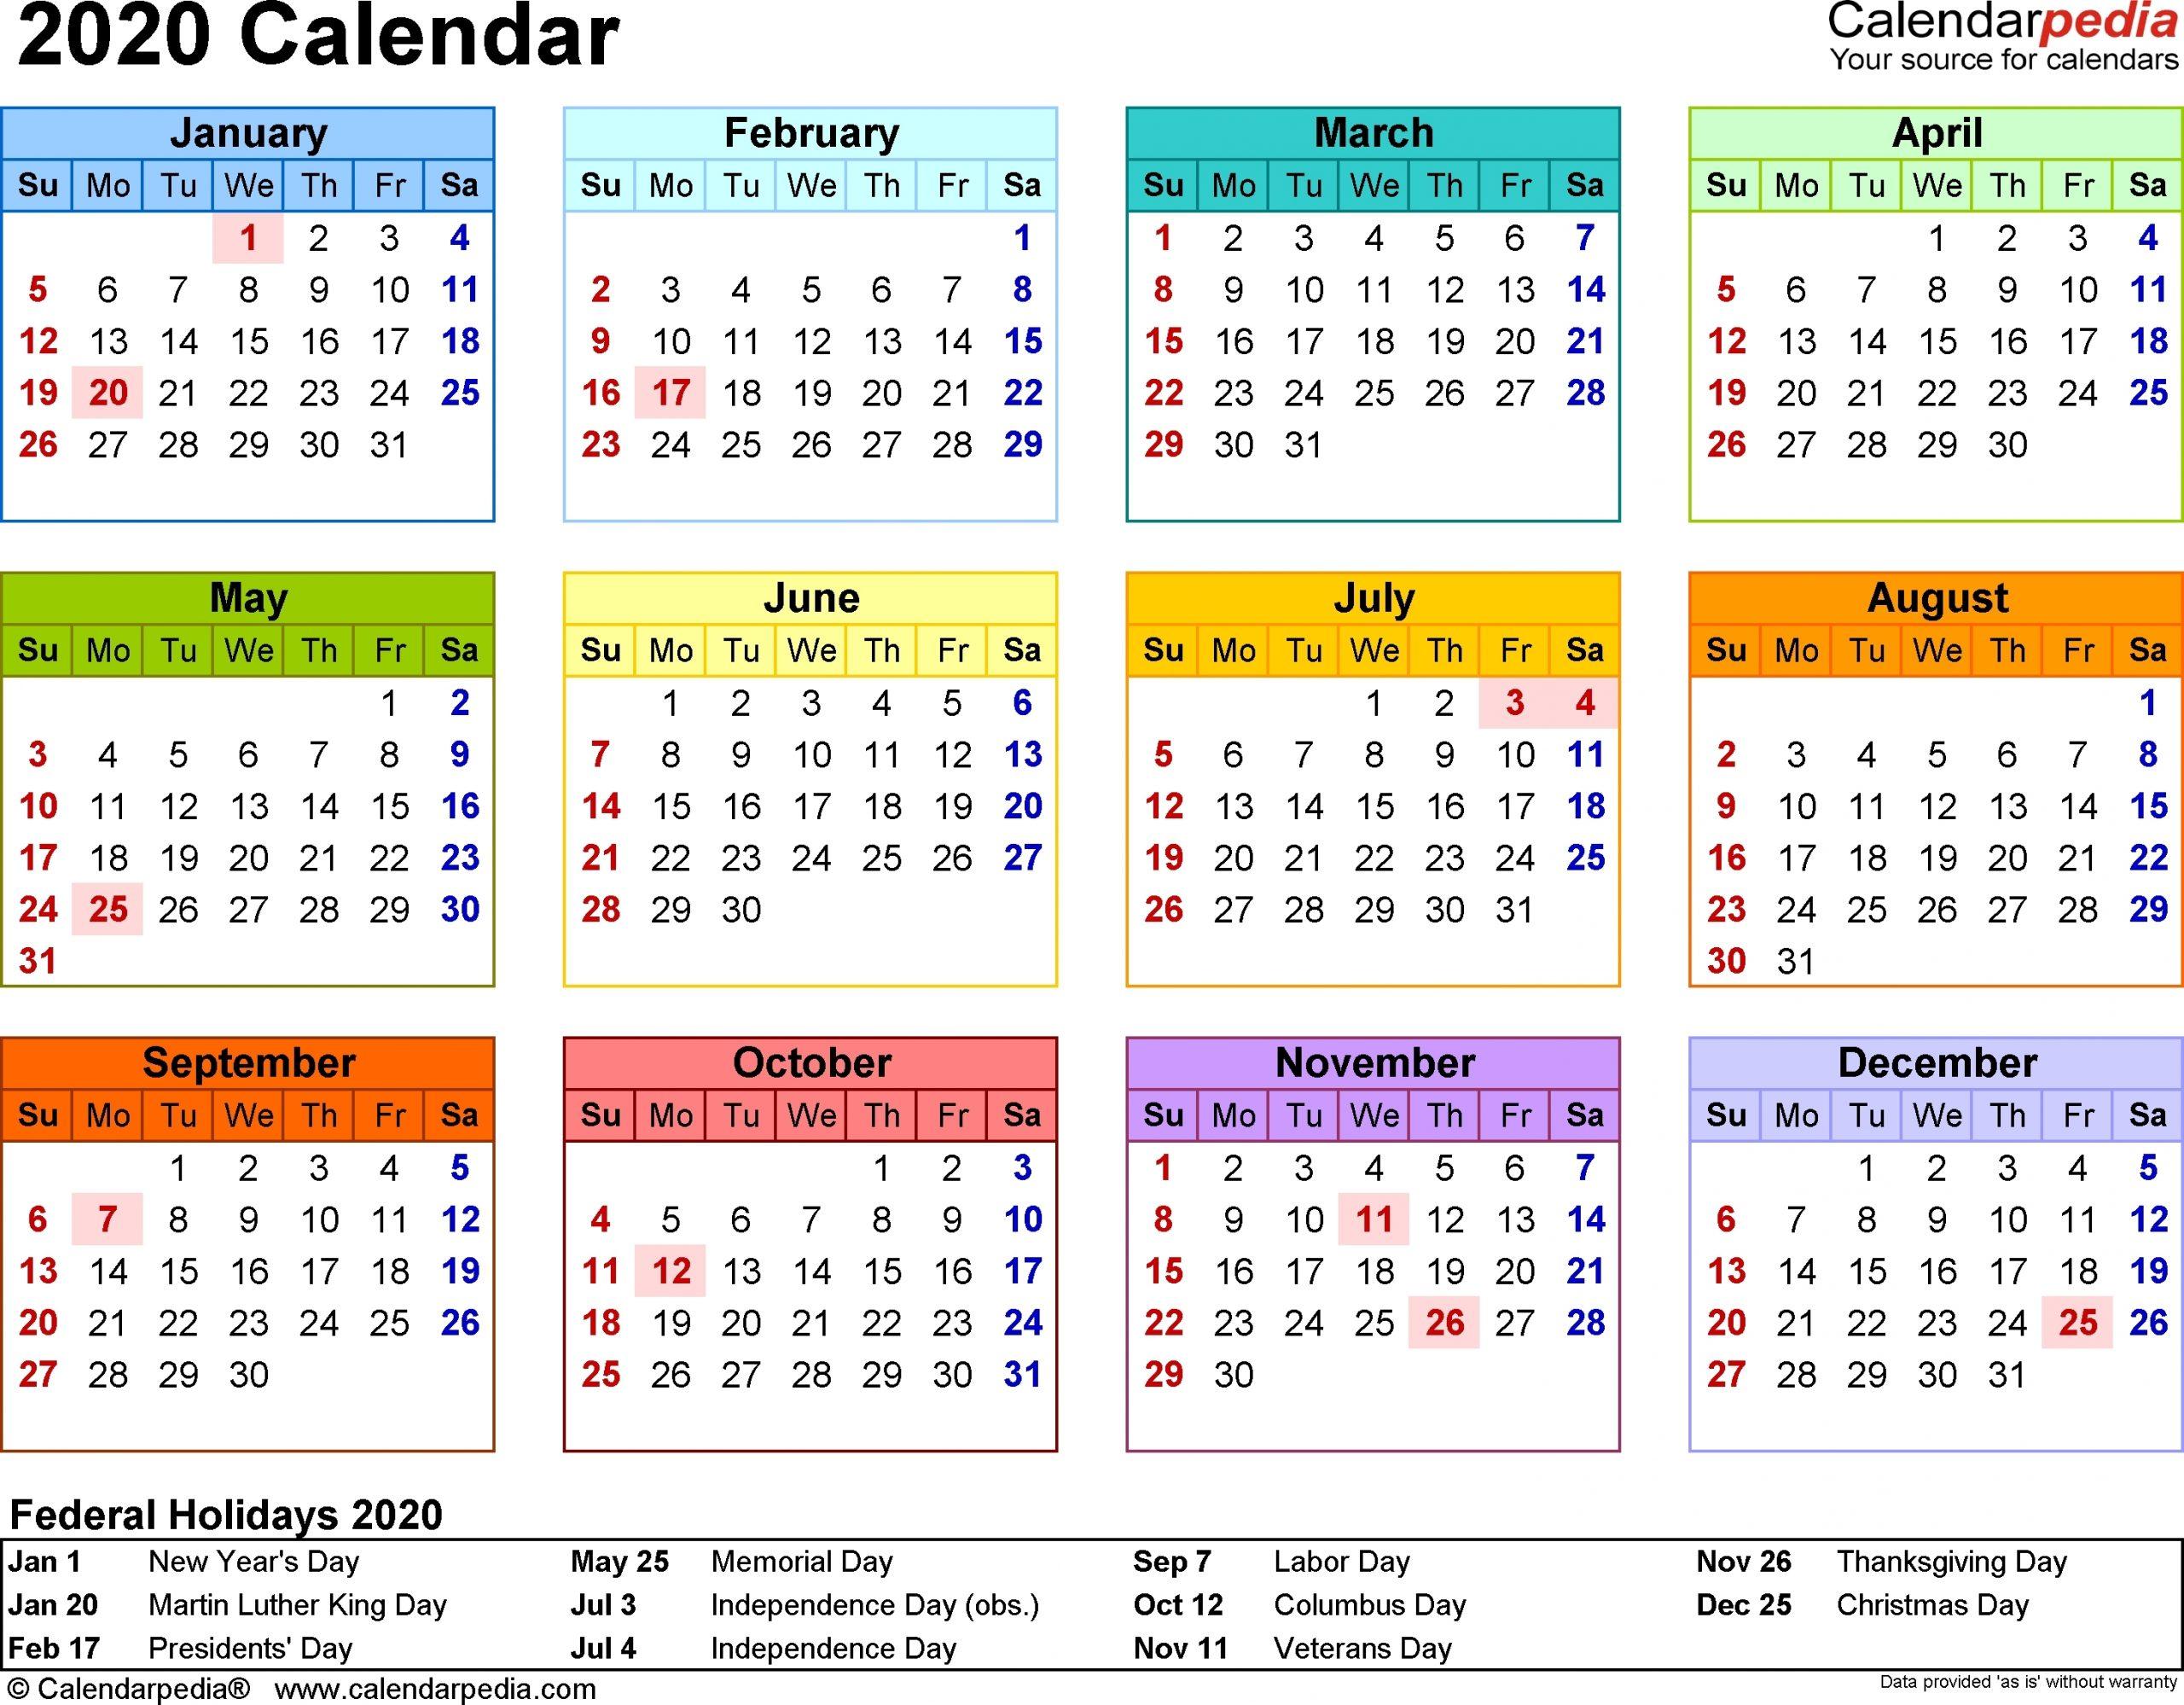 2020 Hong Kong Calendar Excel | Calendar For Planning